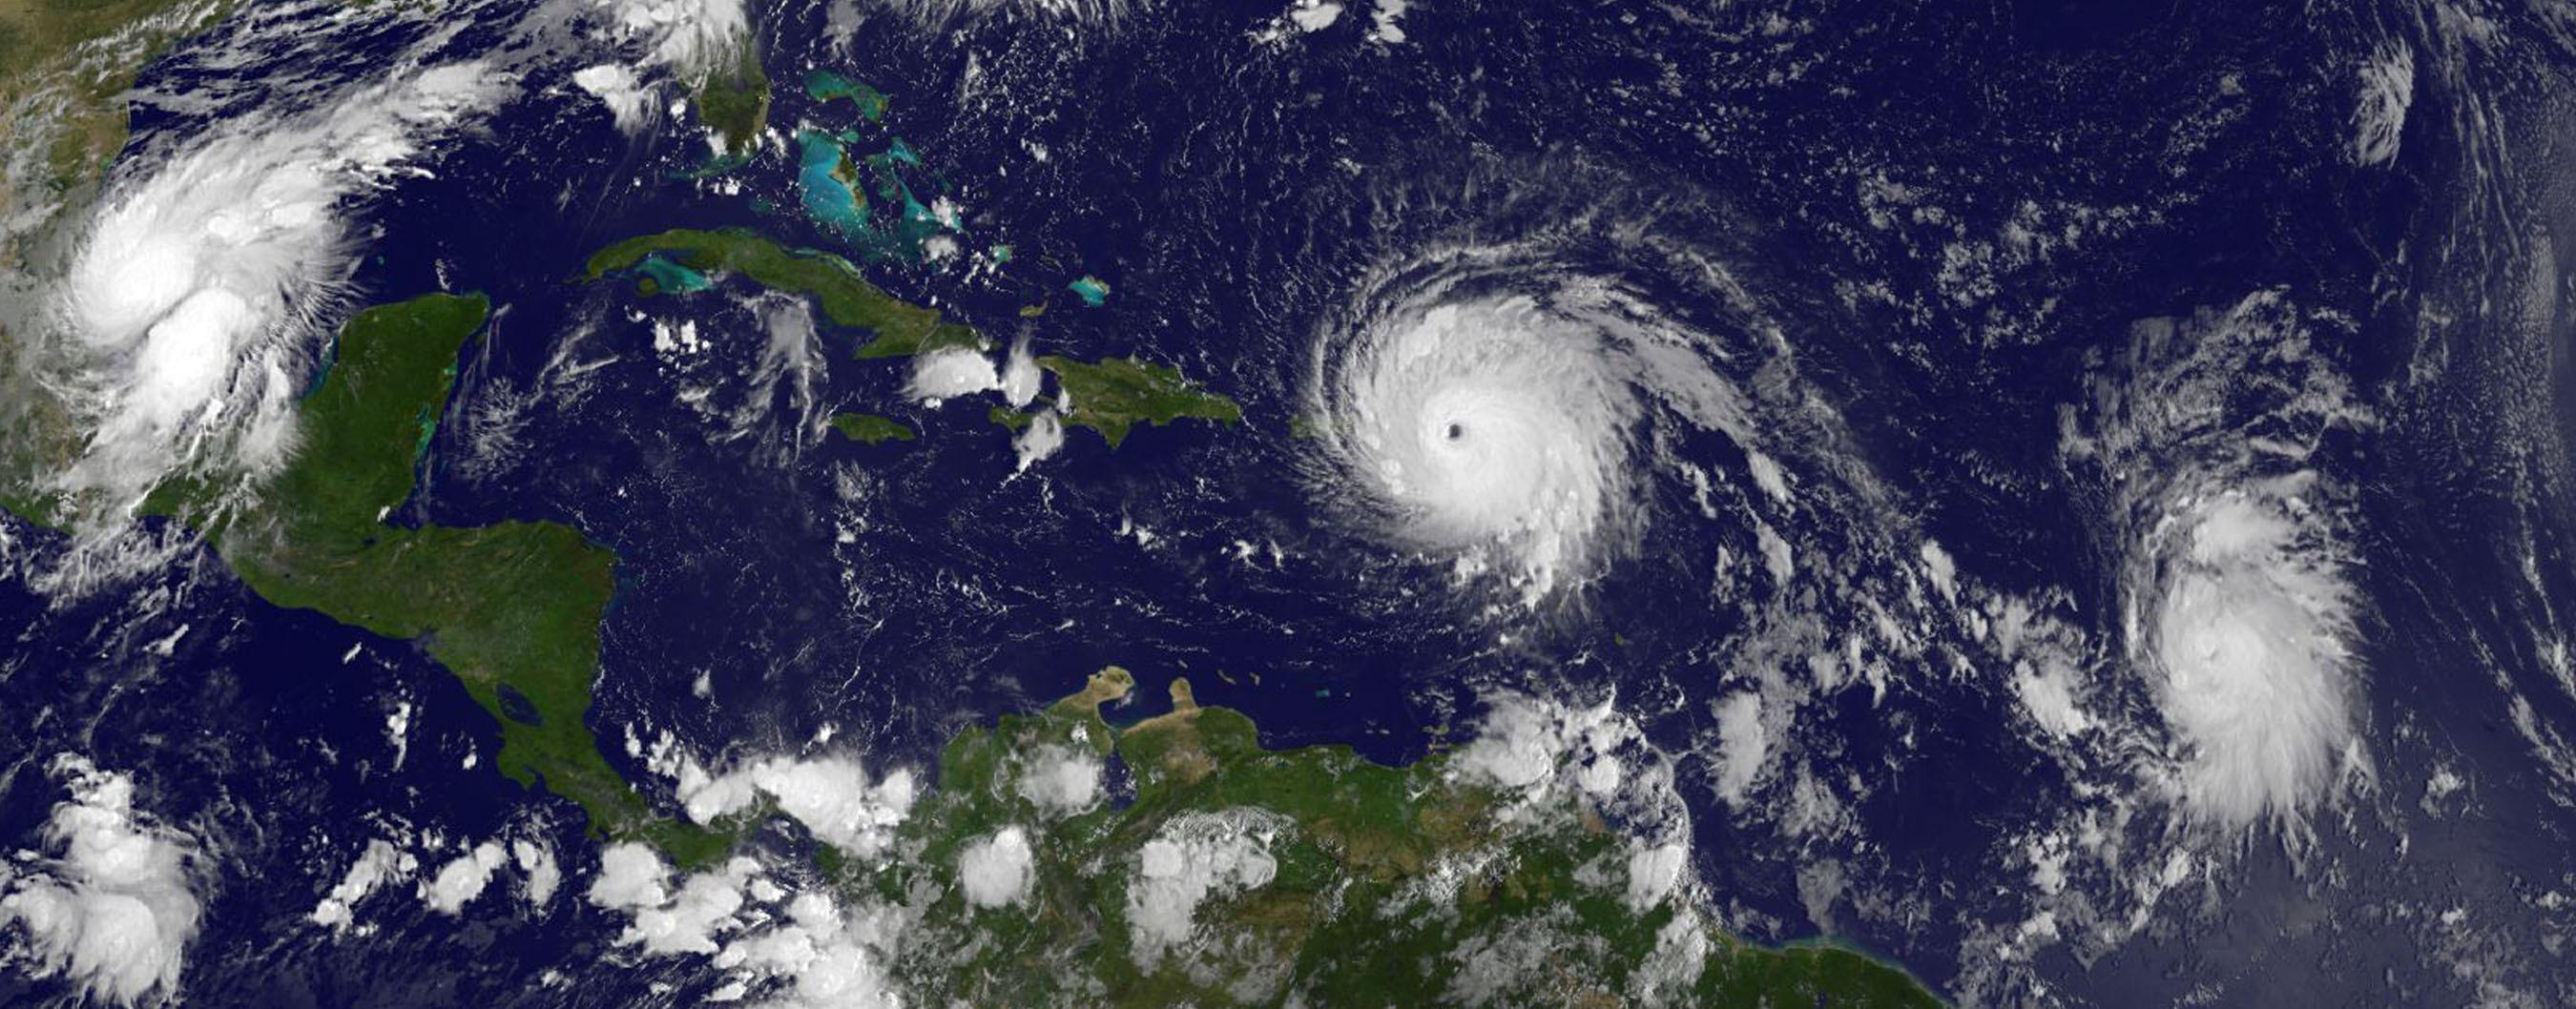 A 75 éve házas Harvey és Irma rácsodálkozott Harvey-ra és Irmára, a két pusztító hurrikánra